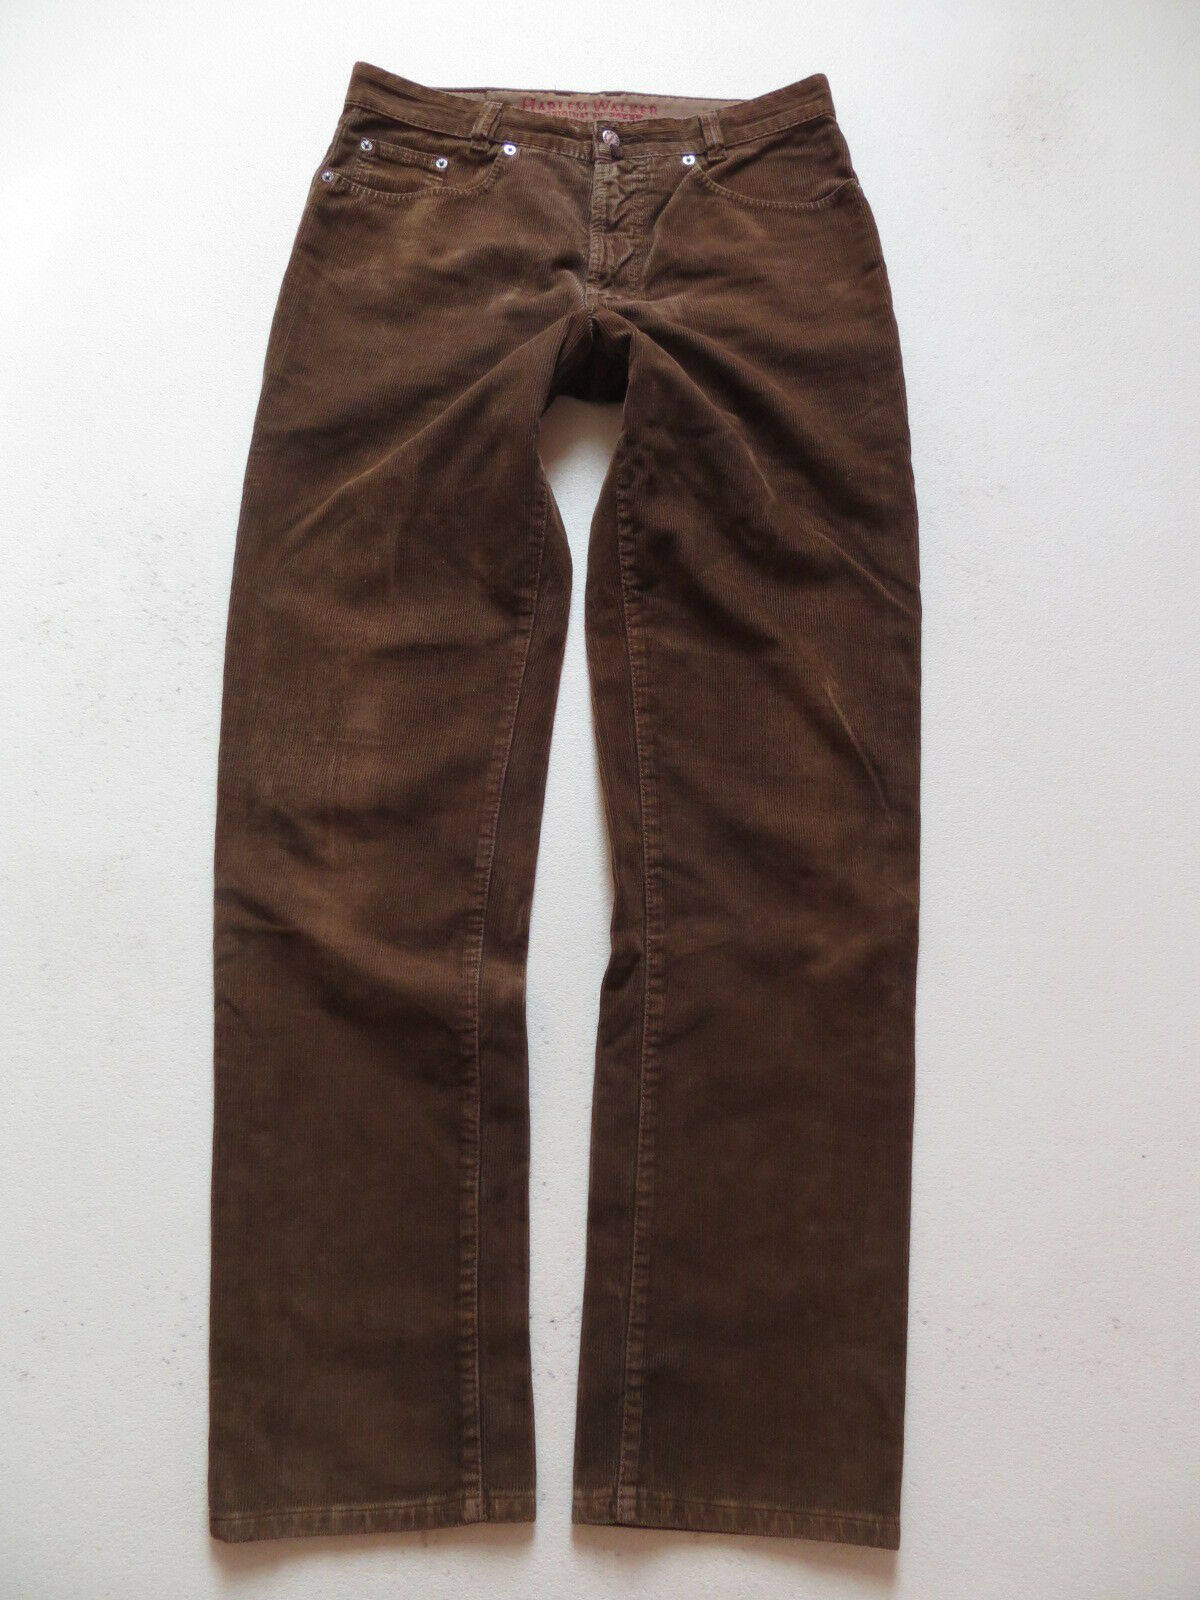 JOKER Jeans Hose, Harlem Walker Cordhose, W 34  L 36, brown, Sehr robust, LANG